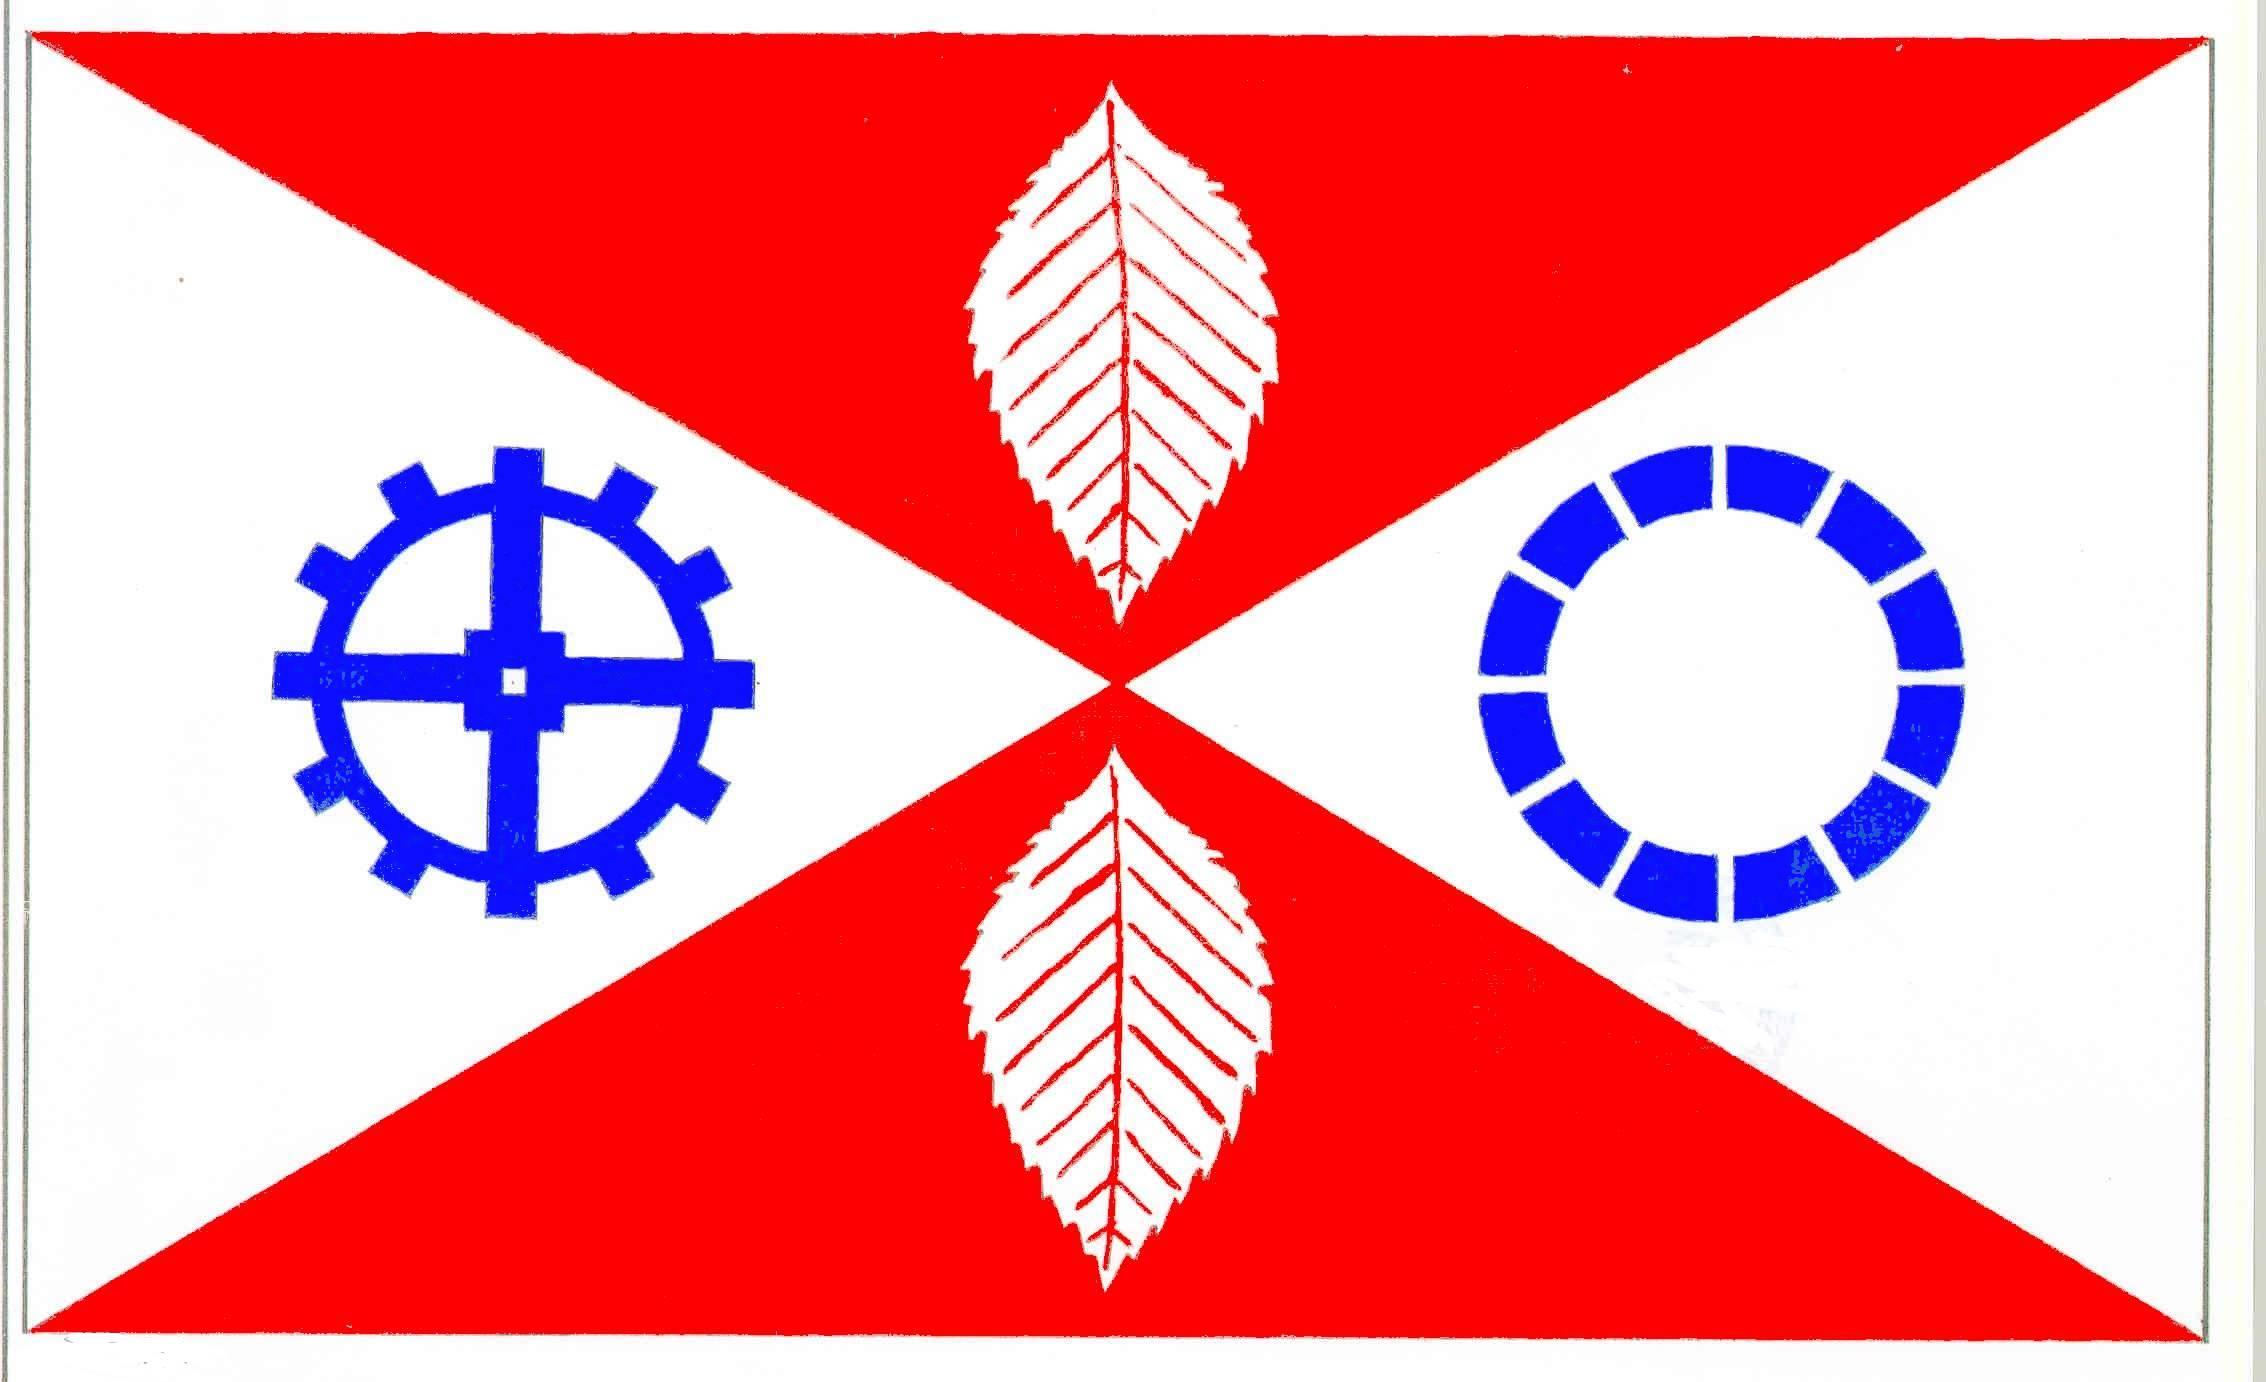 Flagge GemeindeGrebin, Kreis Plön